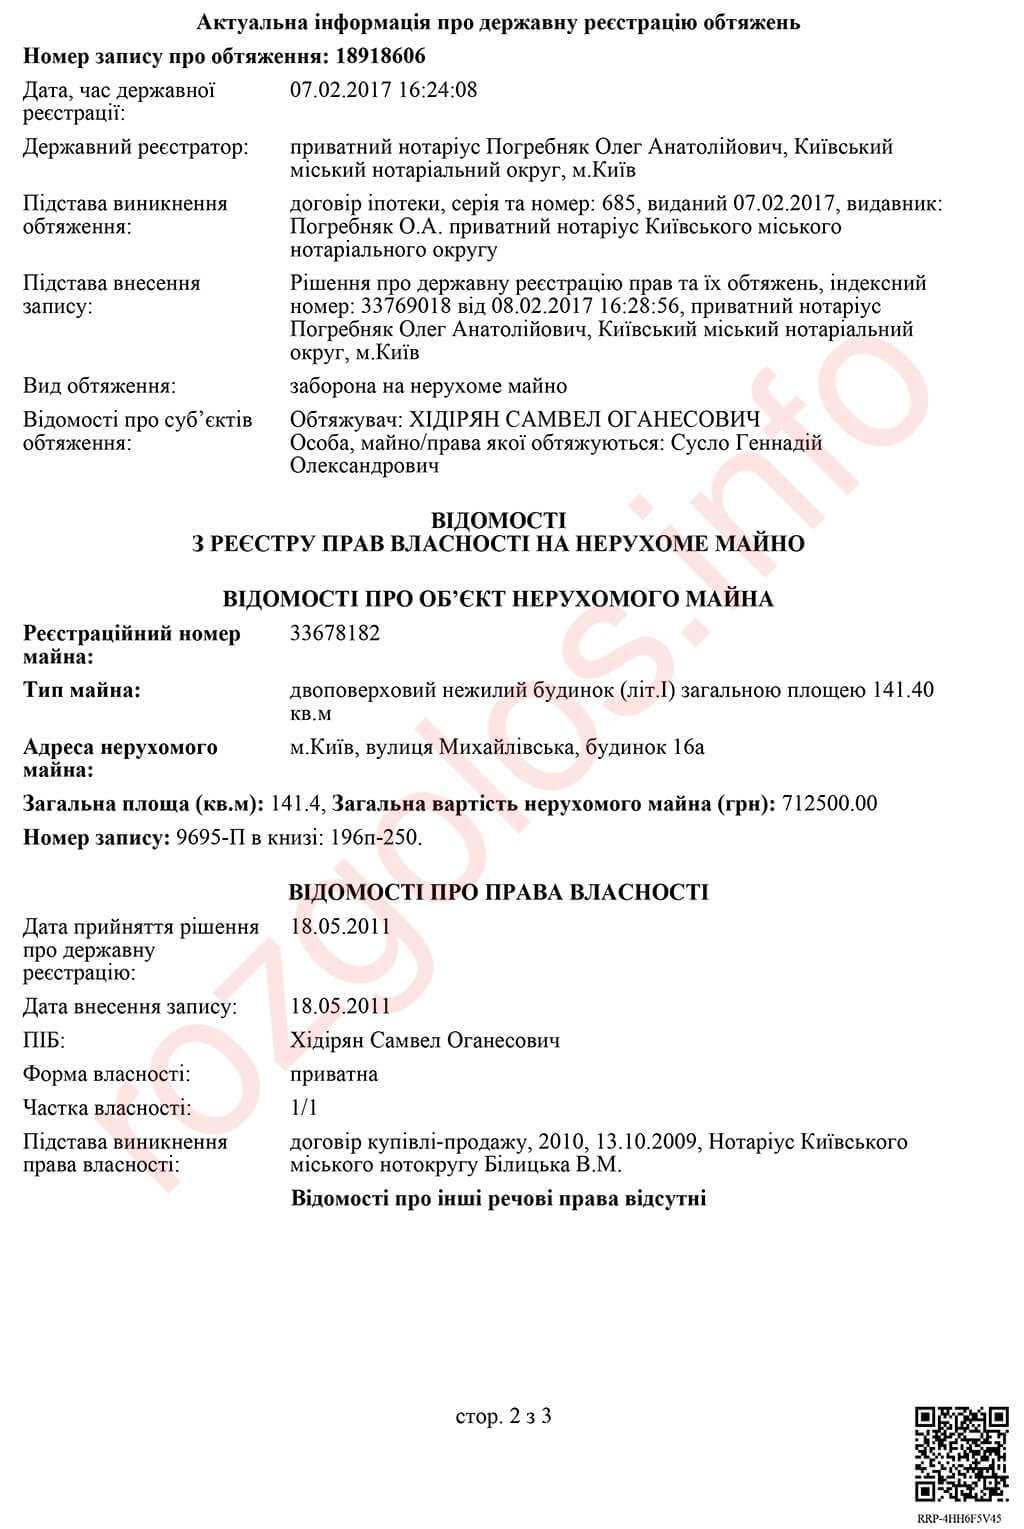 Почему тесно связанный с Россией конвертатор Мисак Хидирян спокойно ведет бизнес в Украине и не боится санкций СНБО? - Корреспондент